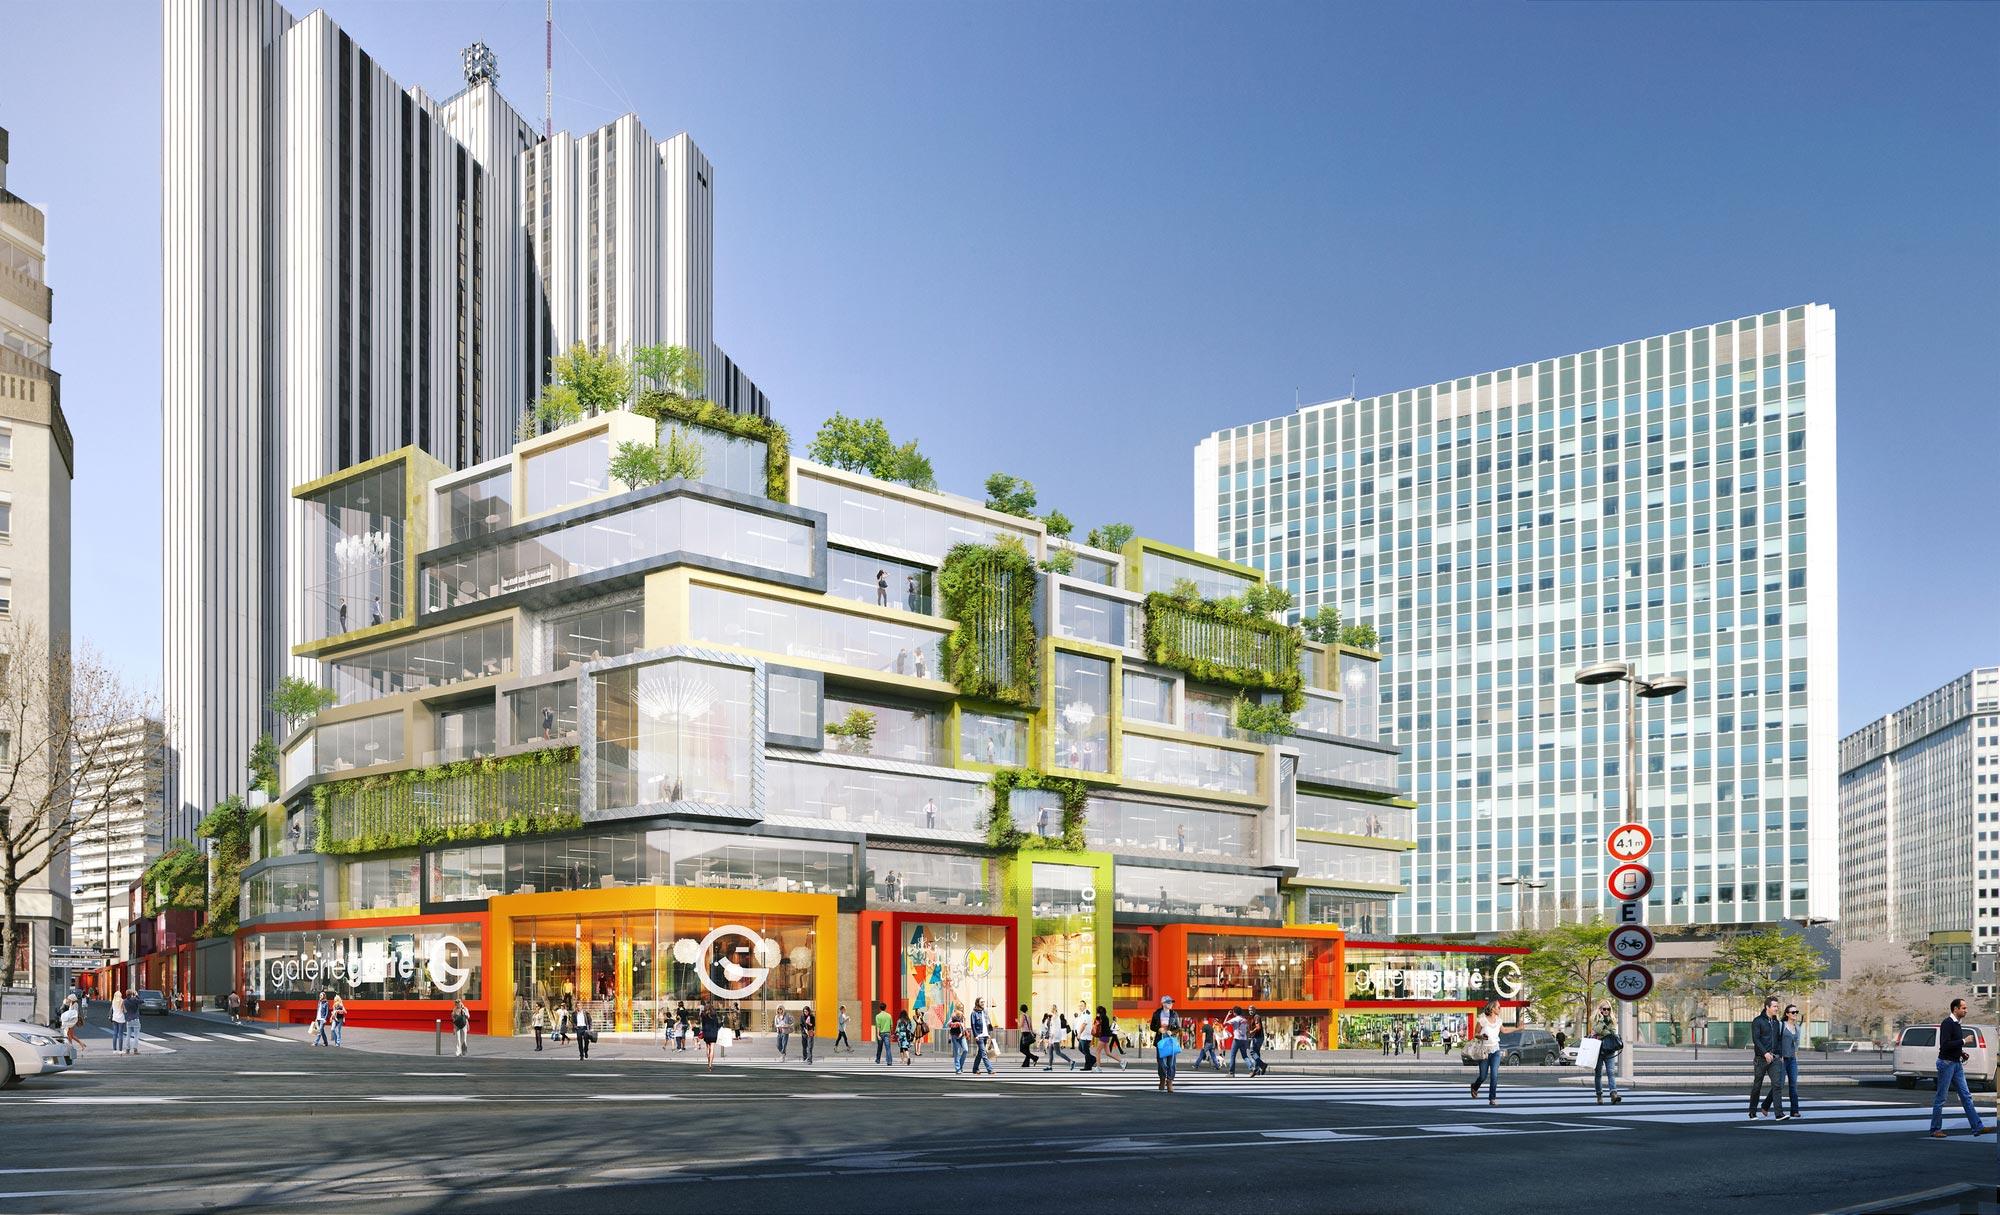 projet du times square parisien a montparnasse avec l ilot gaite pour remplacer le centre. Black Bedroom Furniture Sets. Home Design Ideas